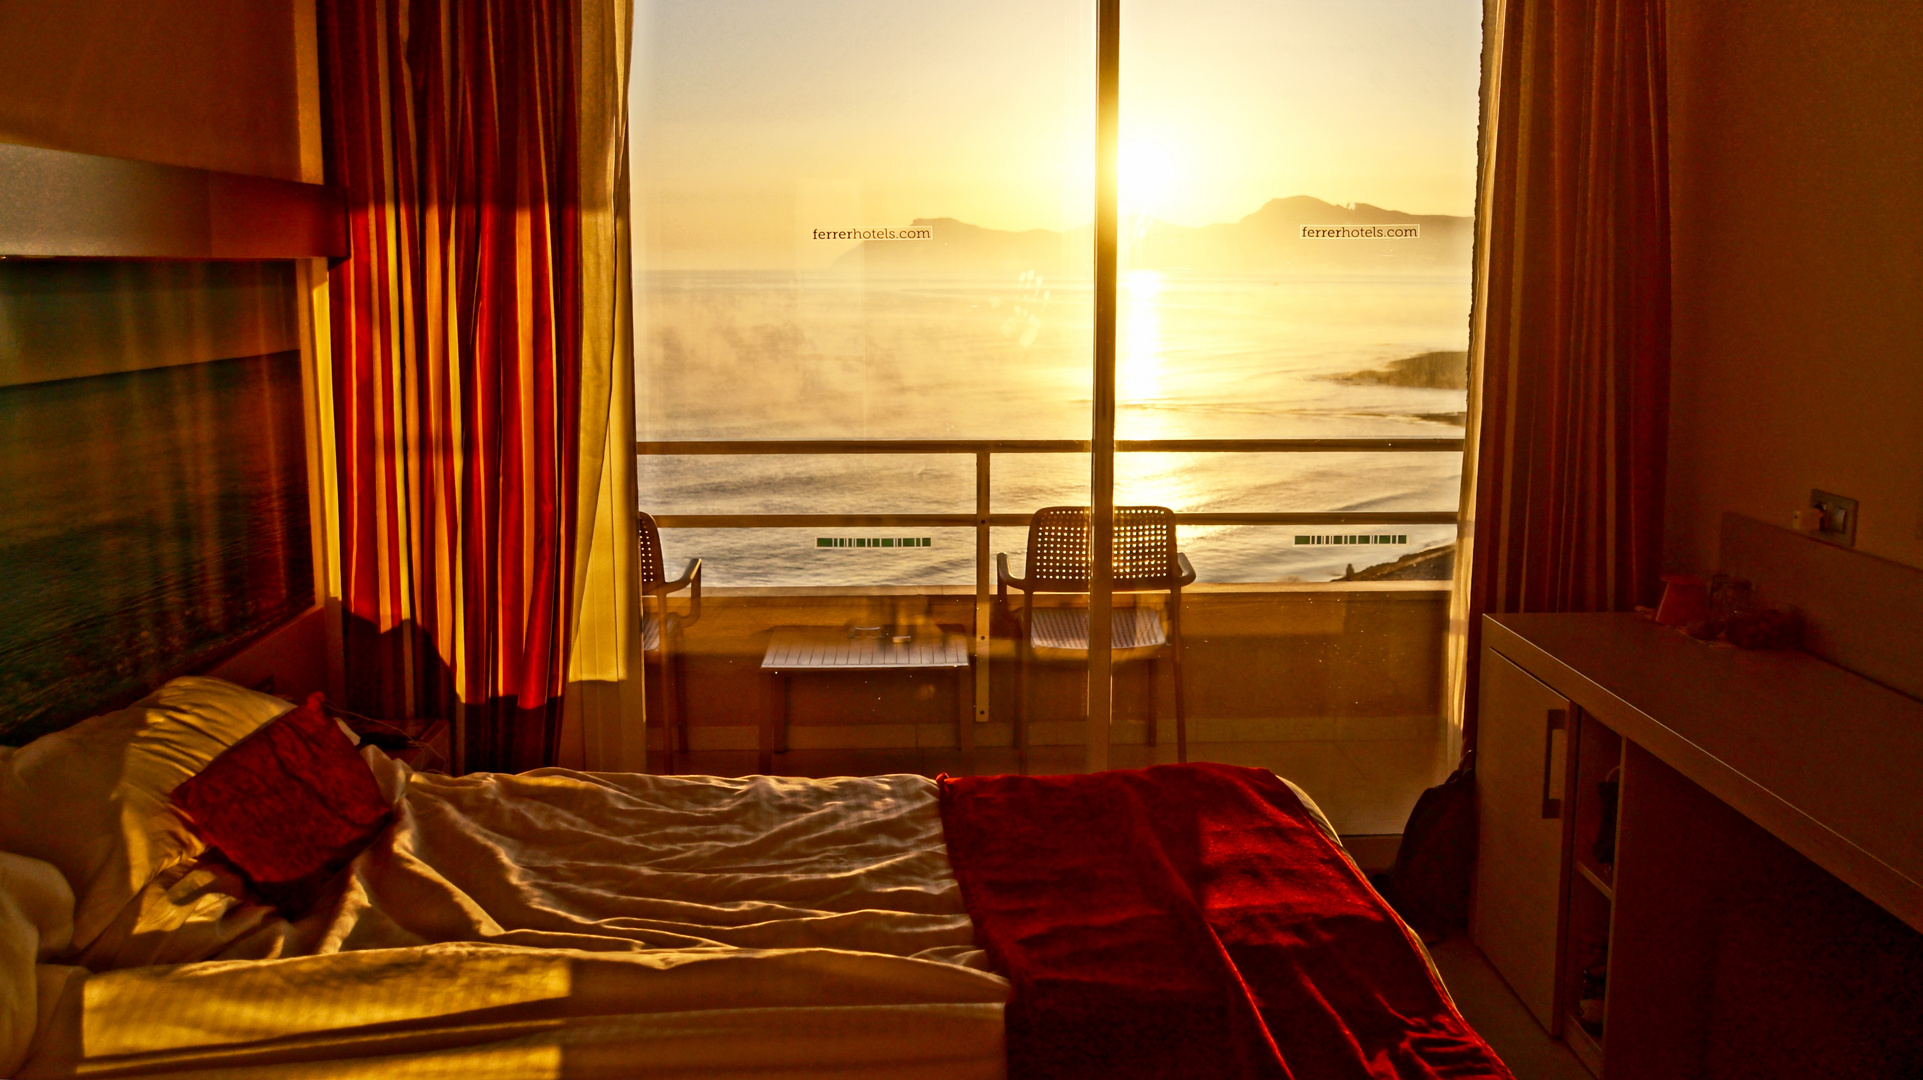 im Urlaub lass ich mich morgens von der Sonne wachküssen